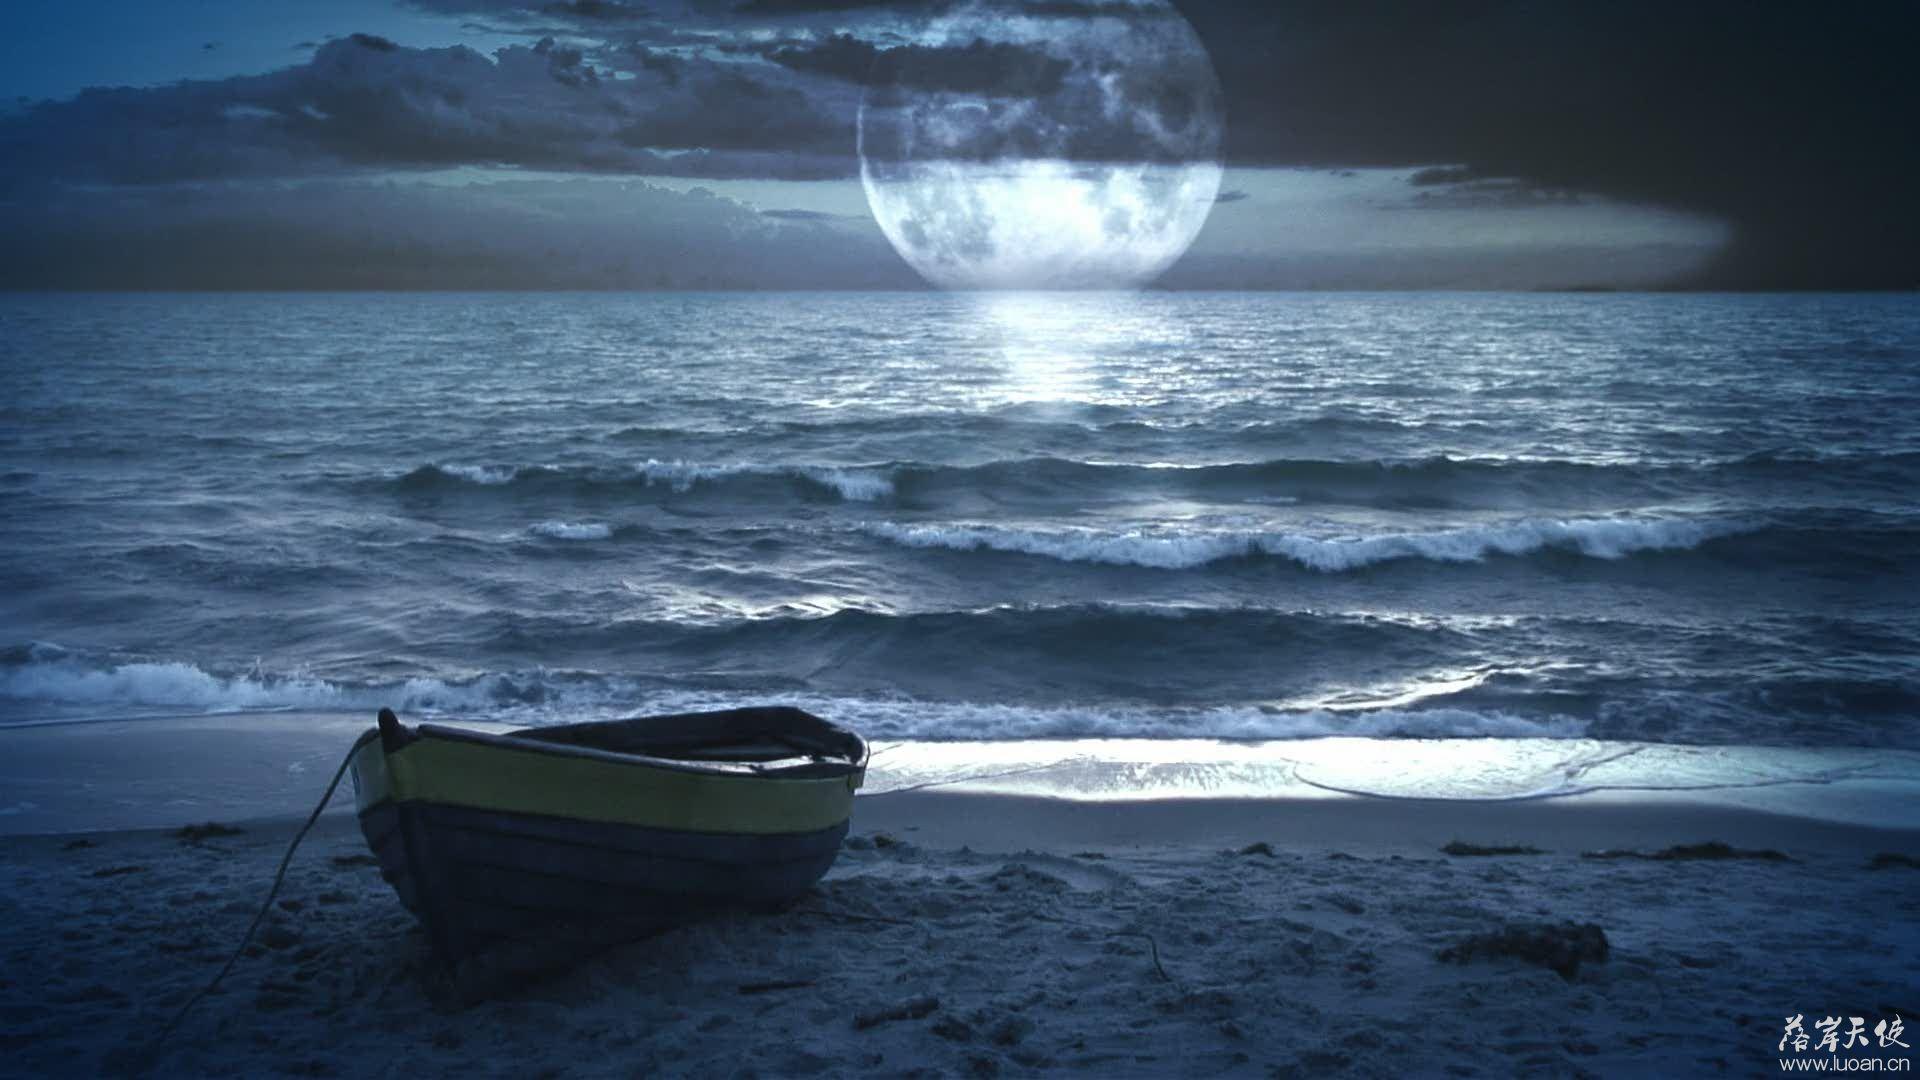 比较浪漫的 视频制作素材-海滩,月光和小船